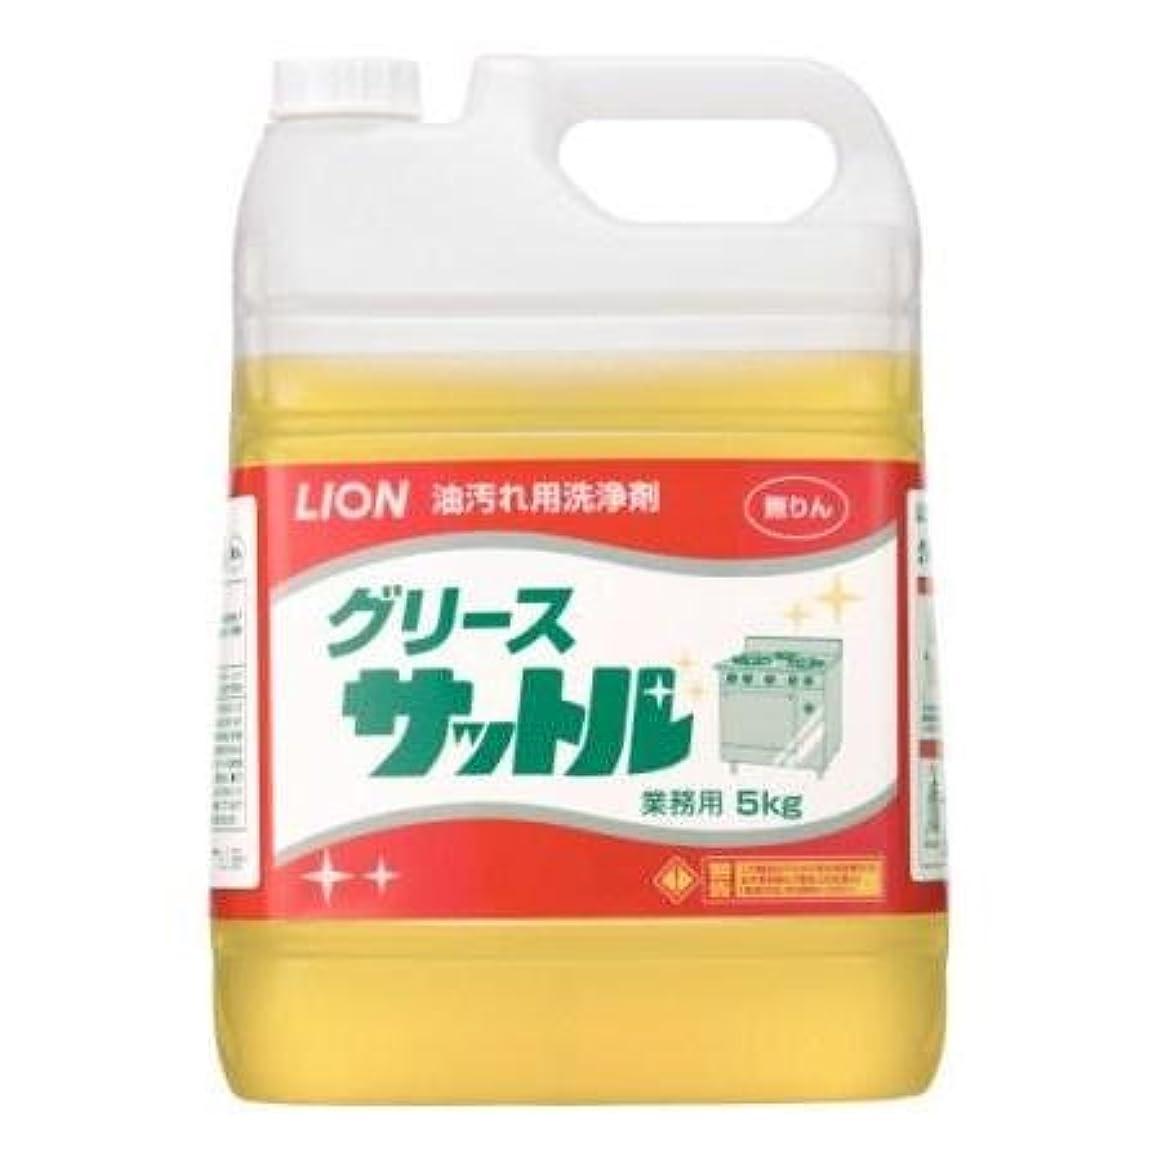 銀コメンテーター奇跡ライオン グリースサットル 業務用 油汚れ用洗浄剤 5kg×2本入